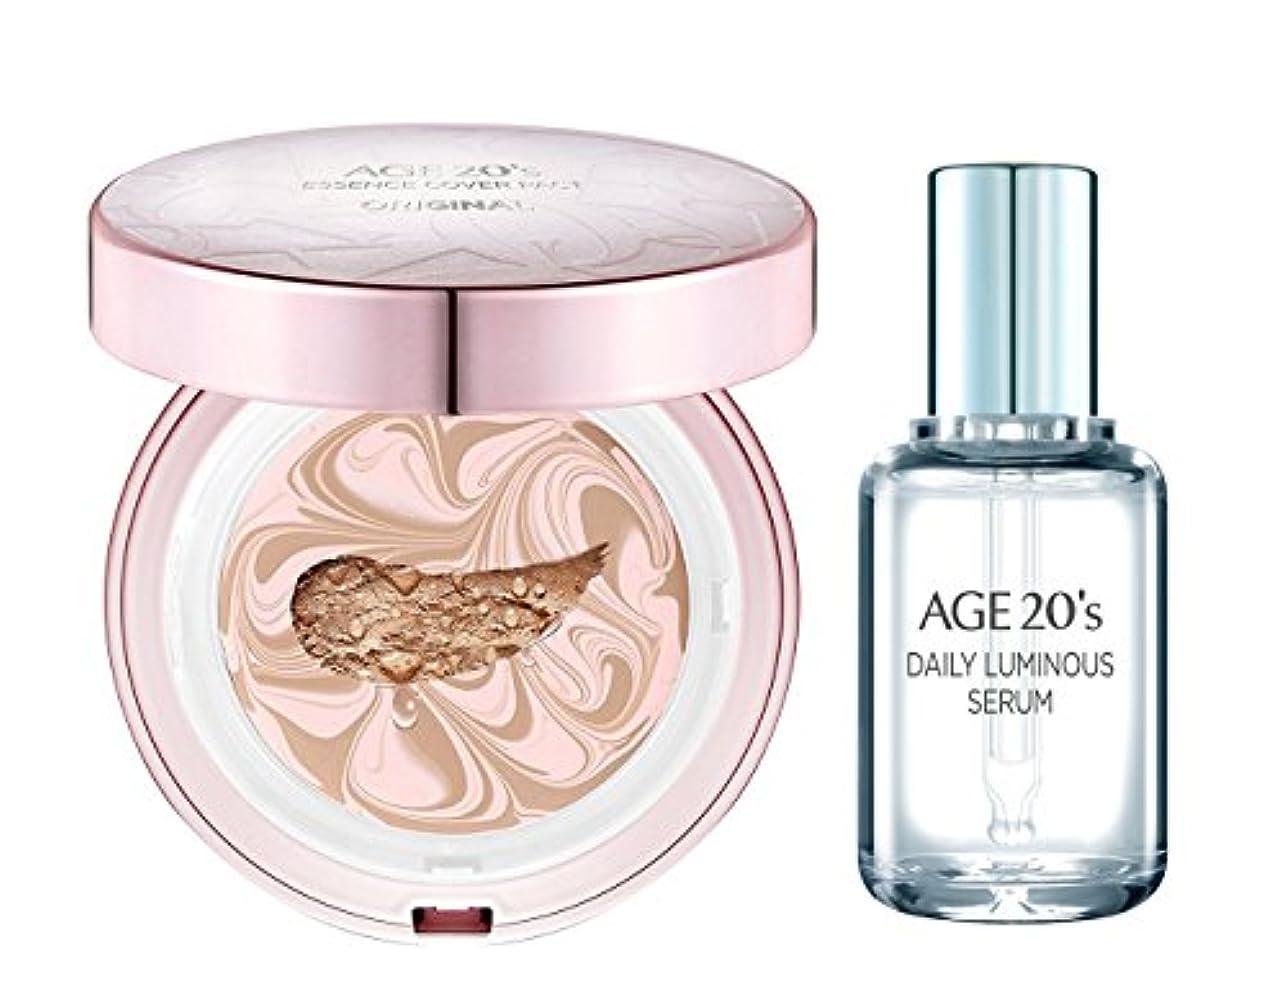 構想する粒関与する[AGE 20s] エッセンス カバー パクト オリジナル(ESSENCE COVER PACT)+ GIFT (贈り物): Daily Luminous Serum 50ml / 韓国直送品 (ピンクラテ Pink Latte 21号)